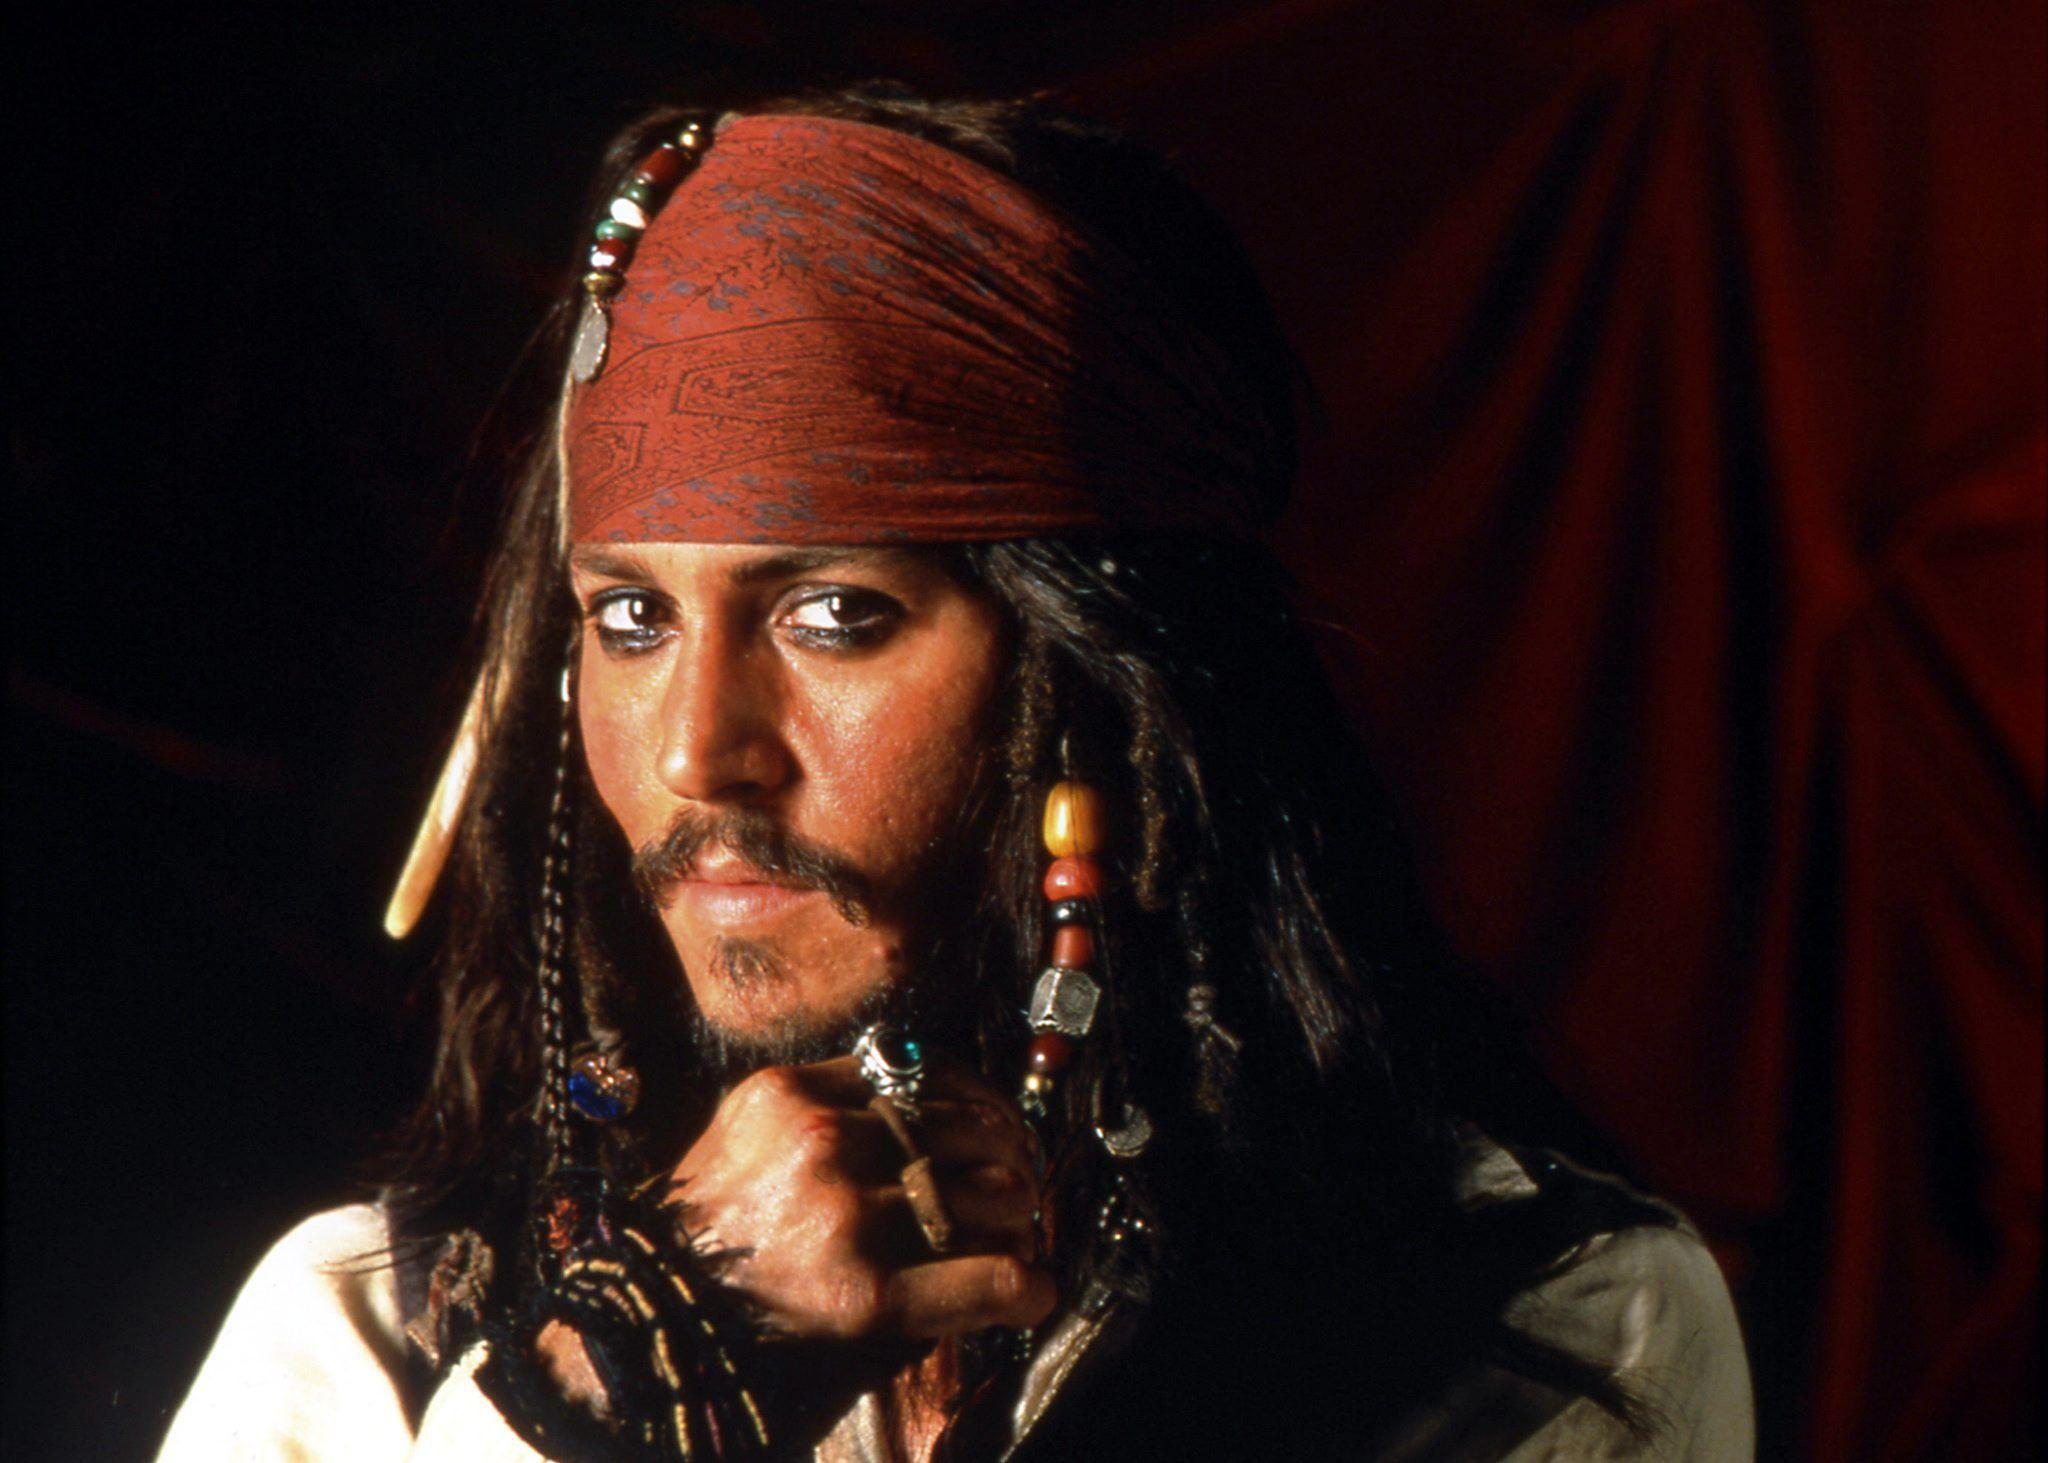 Pirati dei Caraibi 5: il film nelle mani degli hacker, Disney sotto ricatto